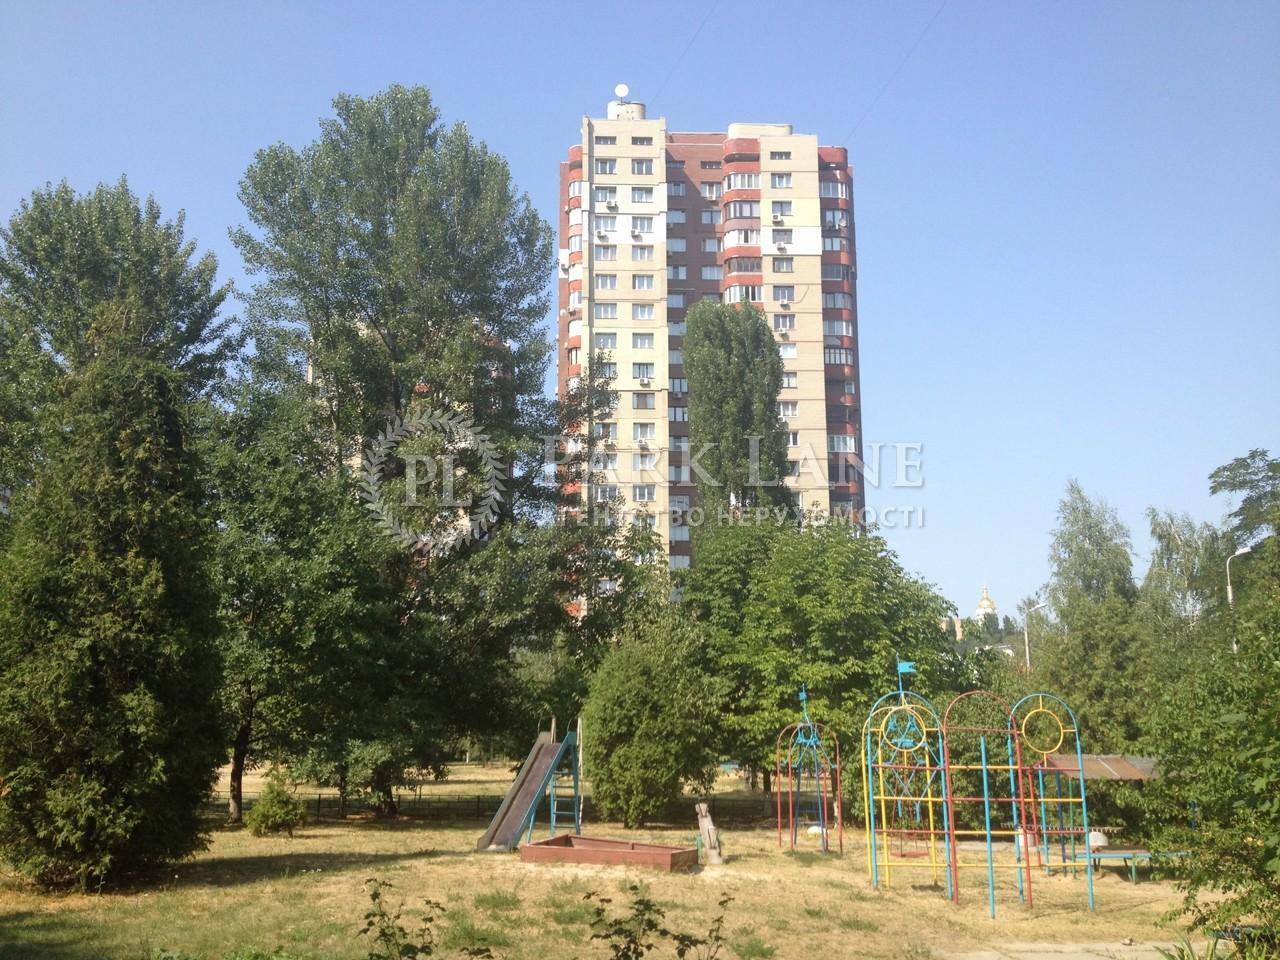 Квартира вул. Старонаводницька, 8б, Київ, D-21459 - Фото 23